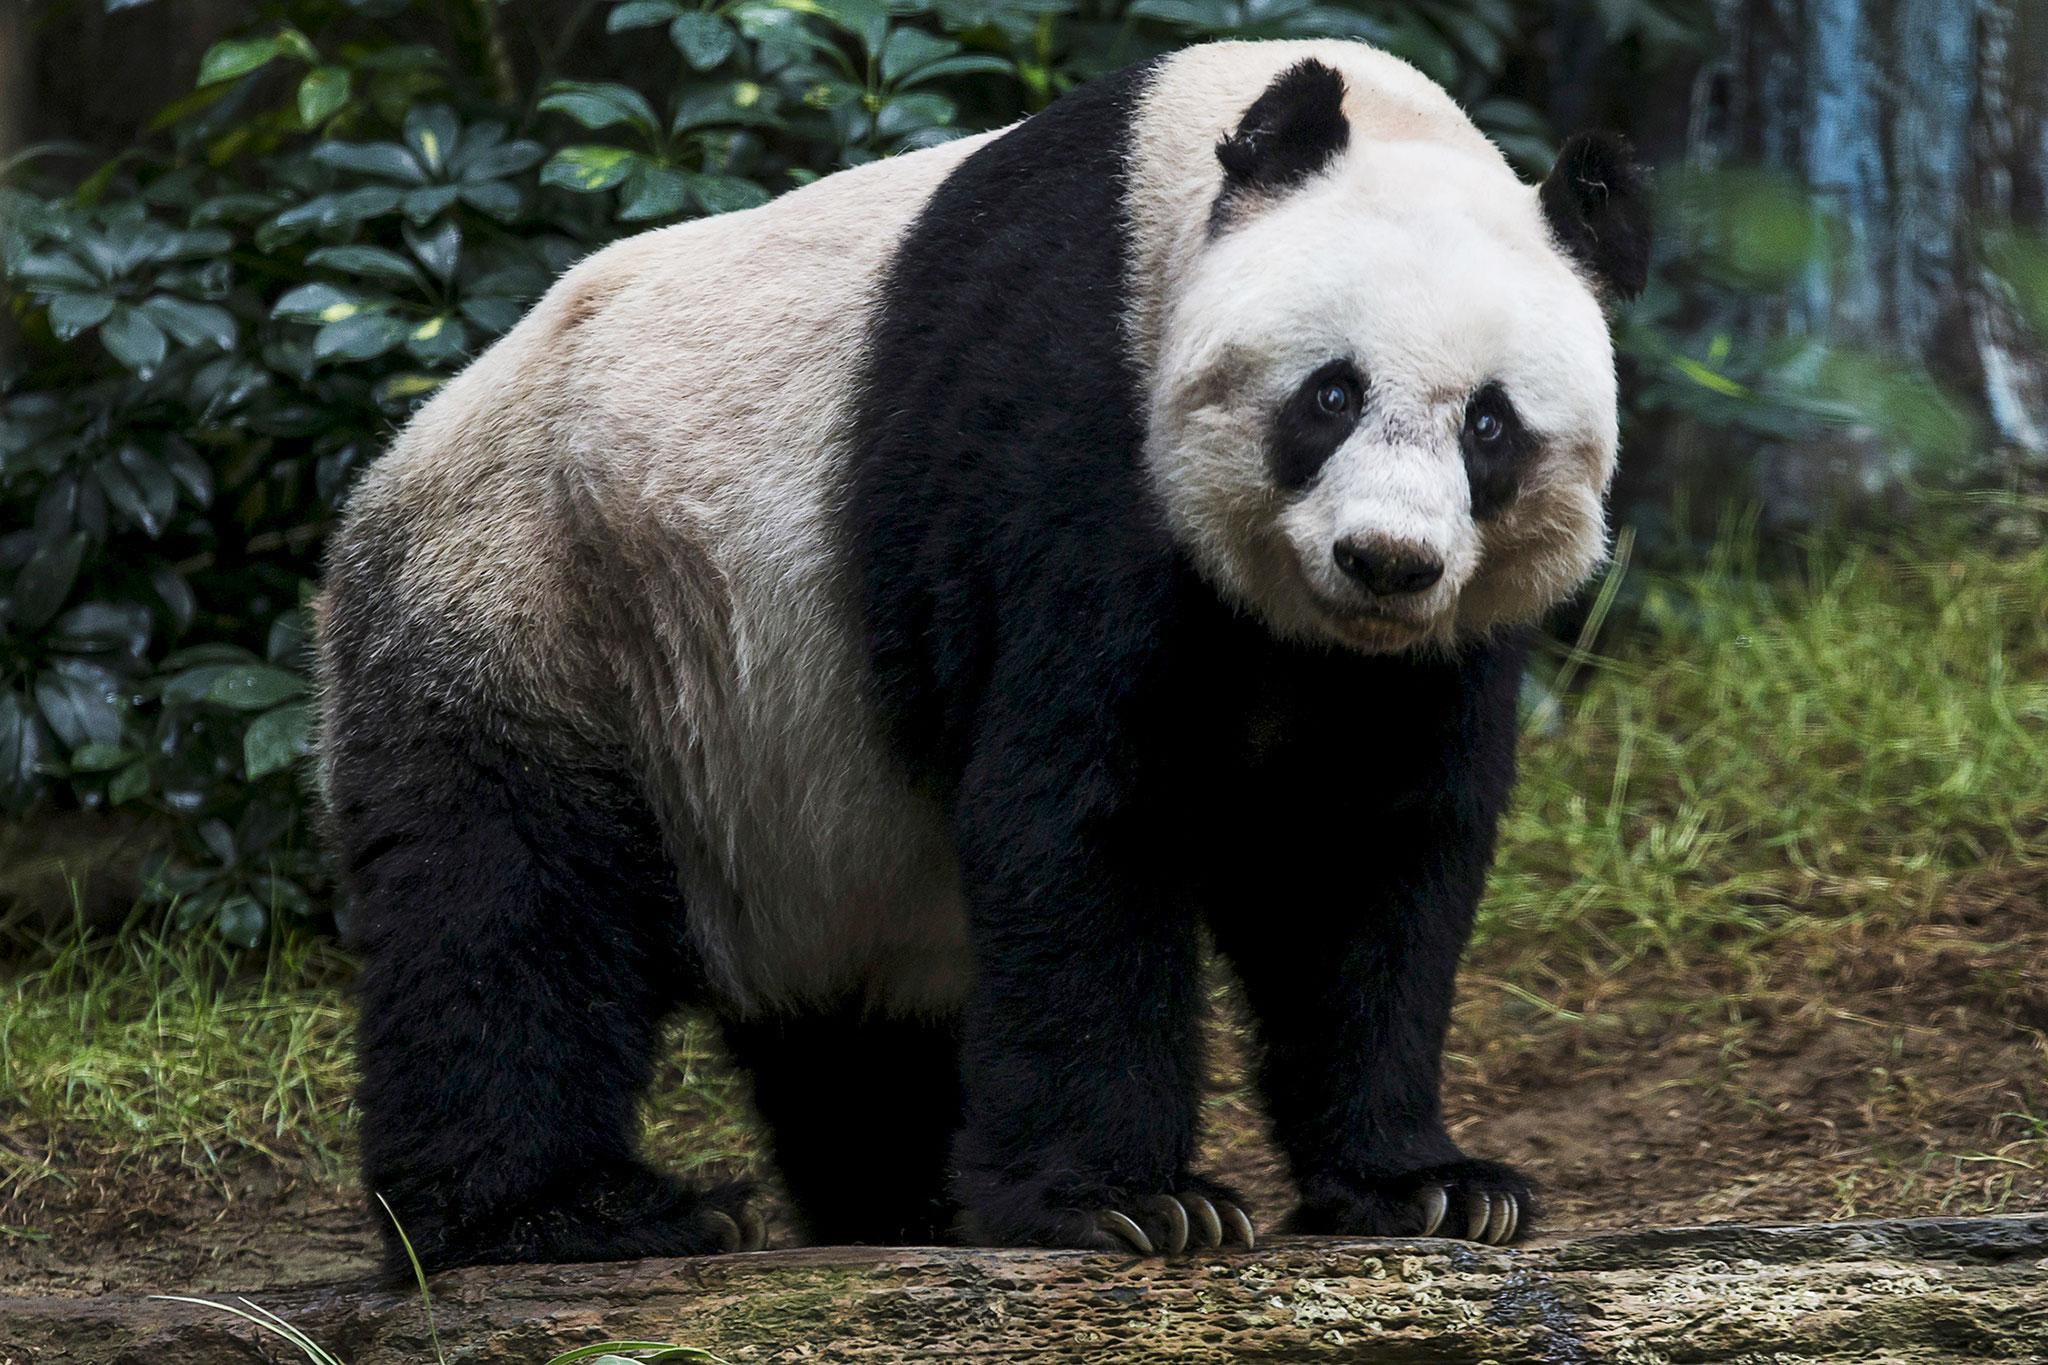 Panda #4